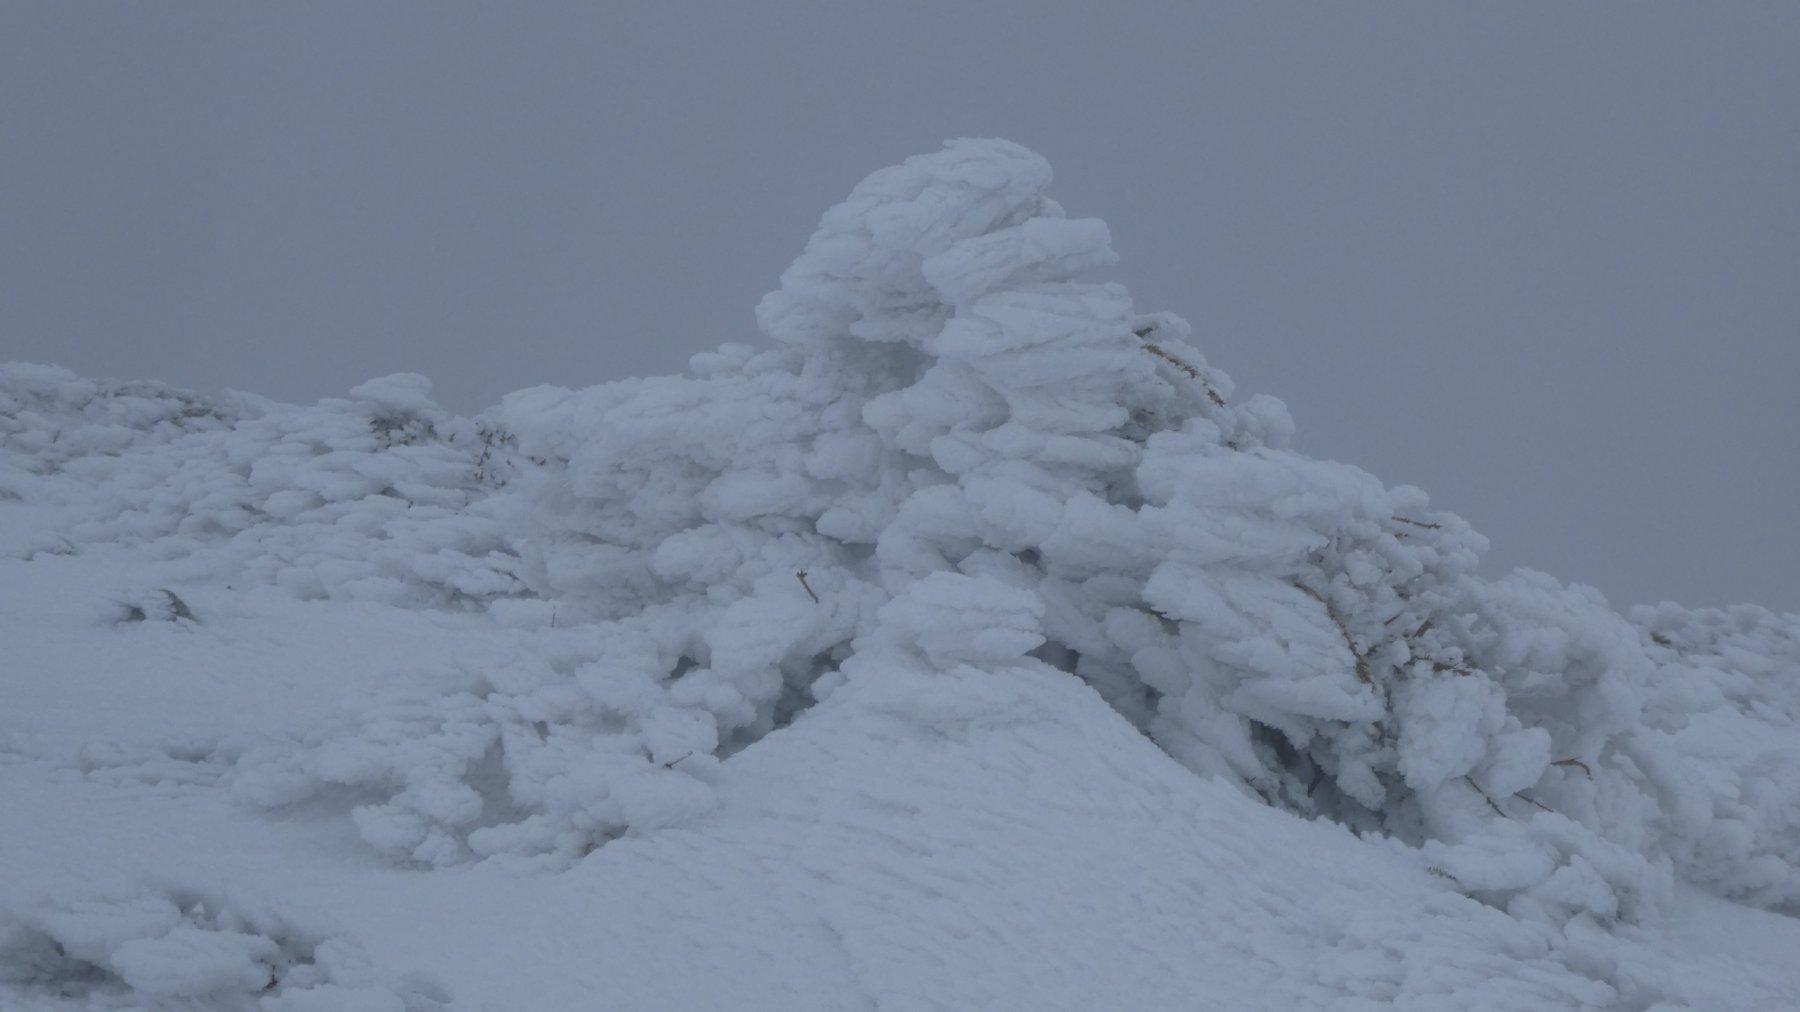 roccette incrostate di neve e ghiaccio poco prima della vetta del Monte Belvedere